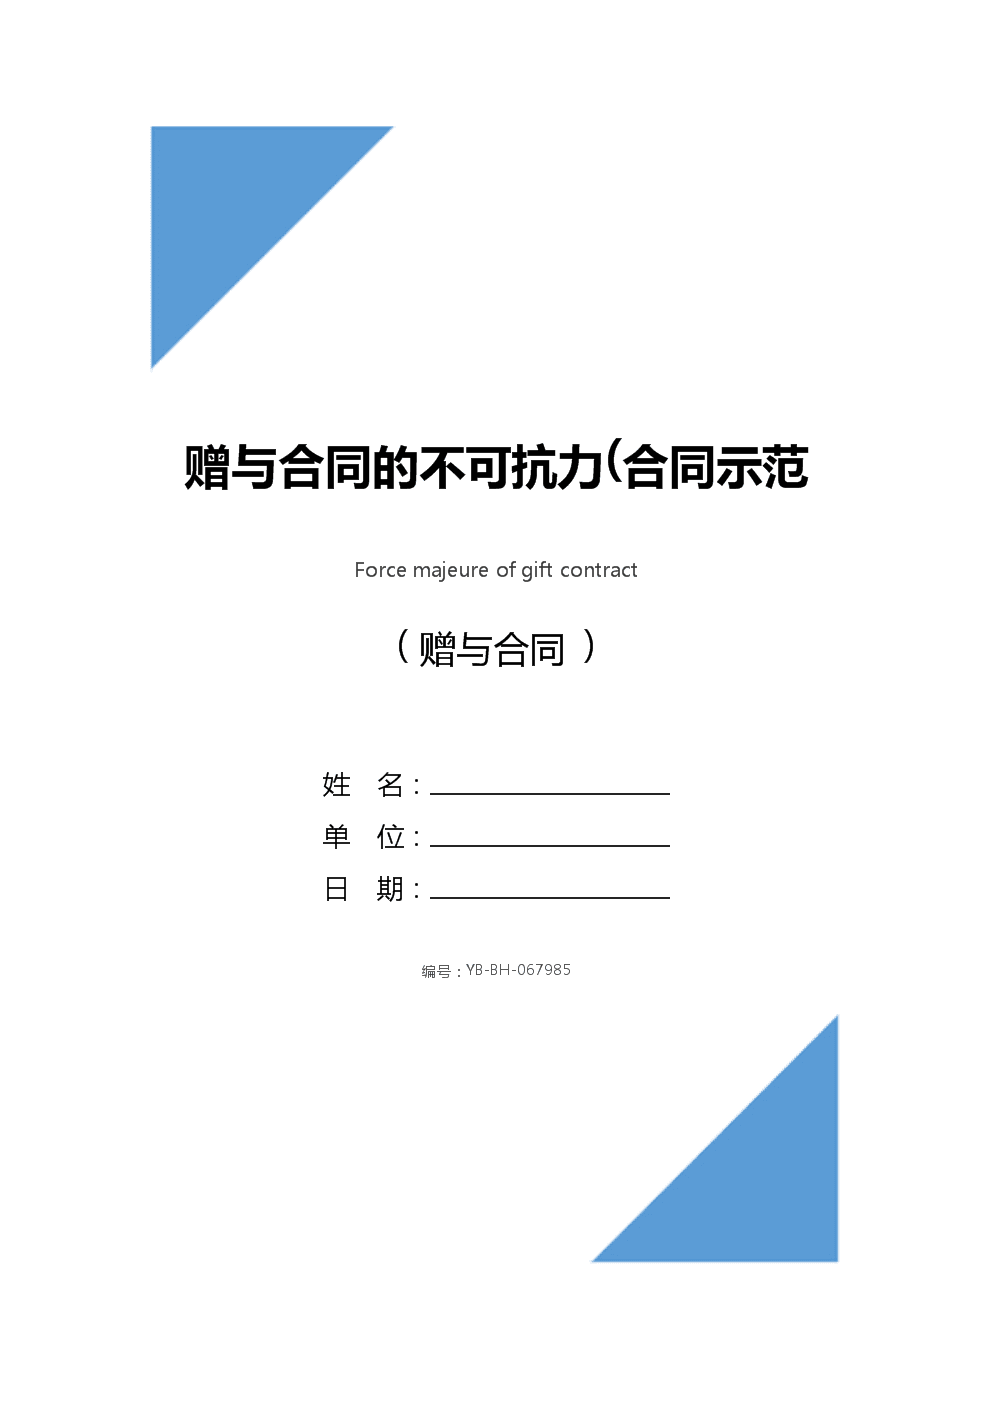 赠与合同的不可抗力(合同示范文本).docx